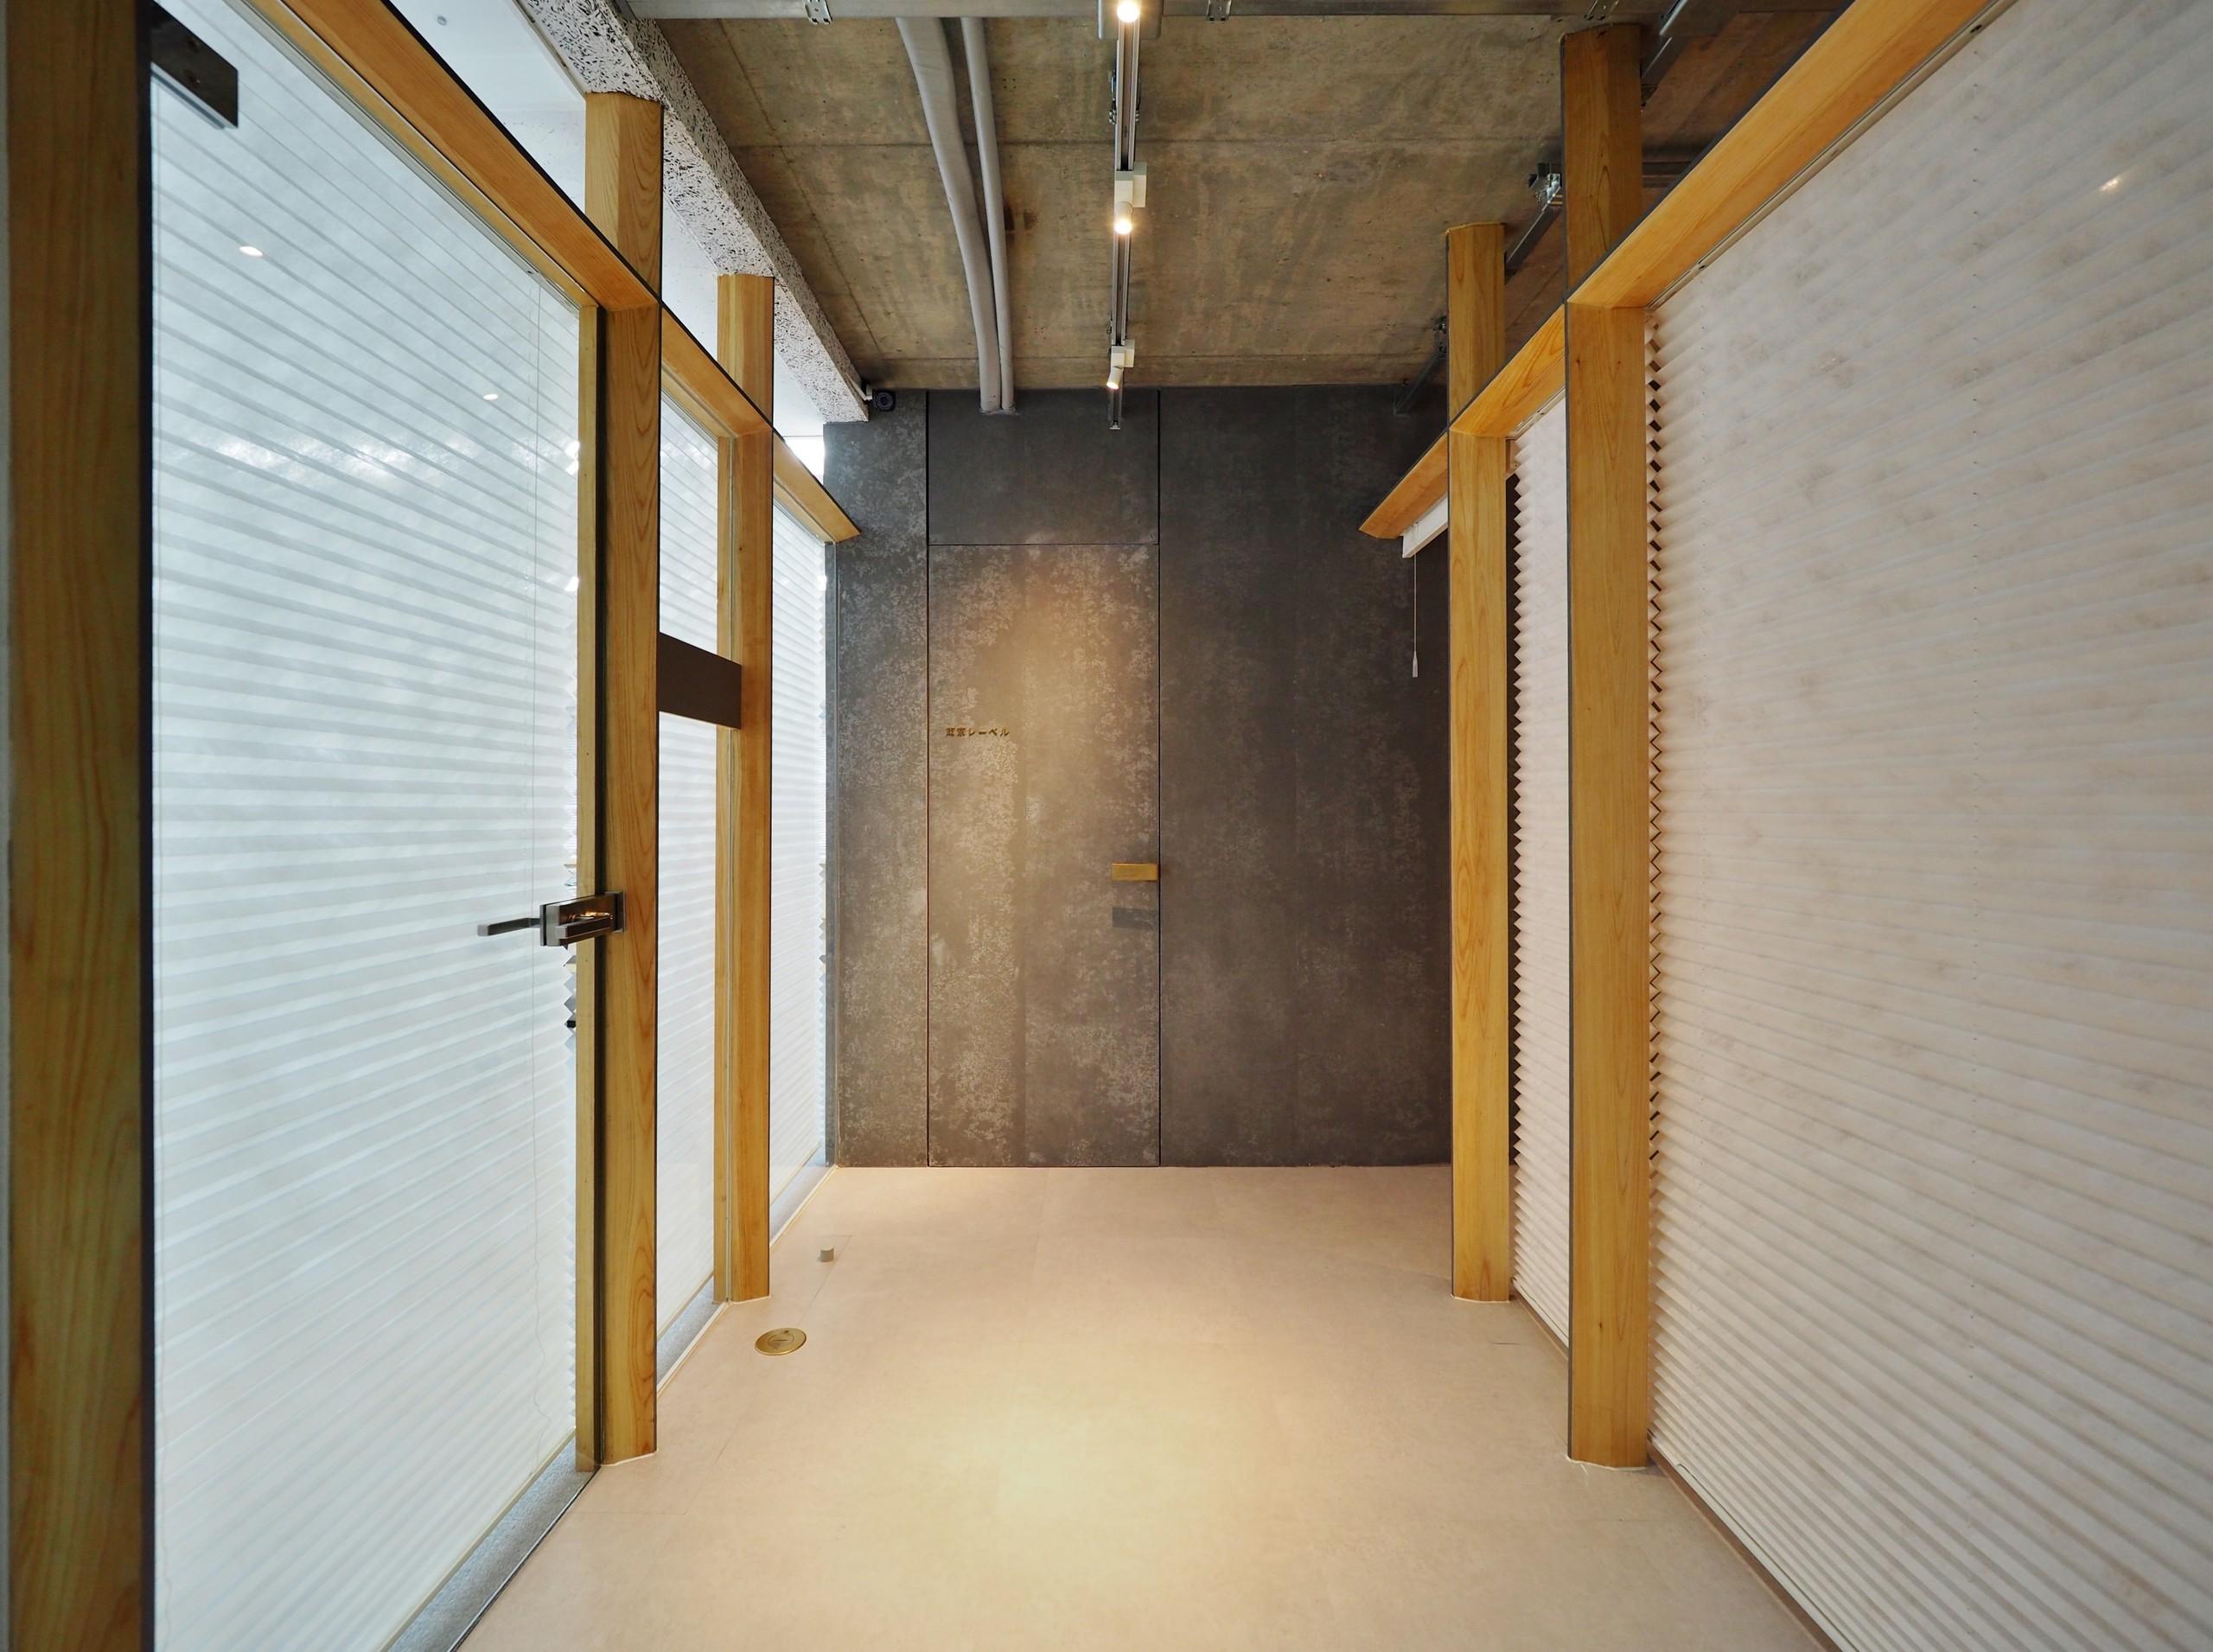 恵比寿事務所内装工事の建築事例写真